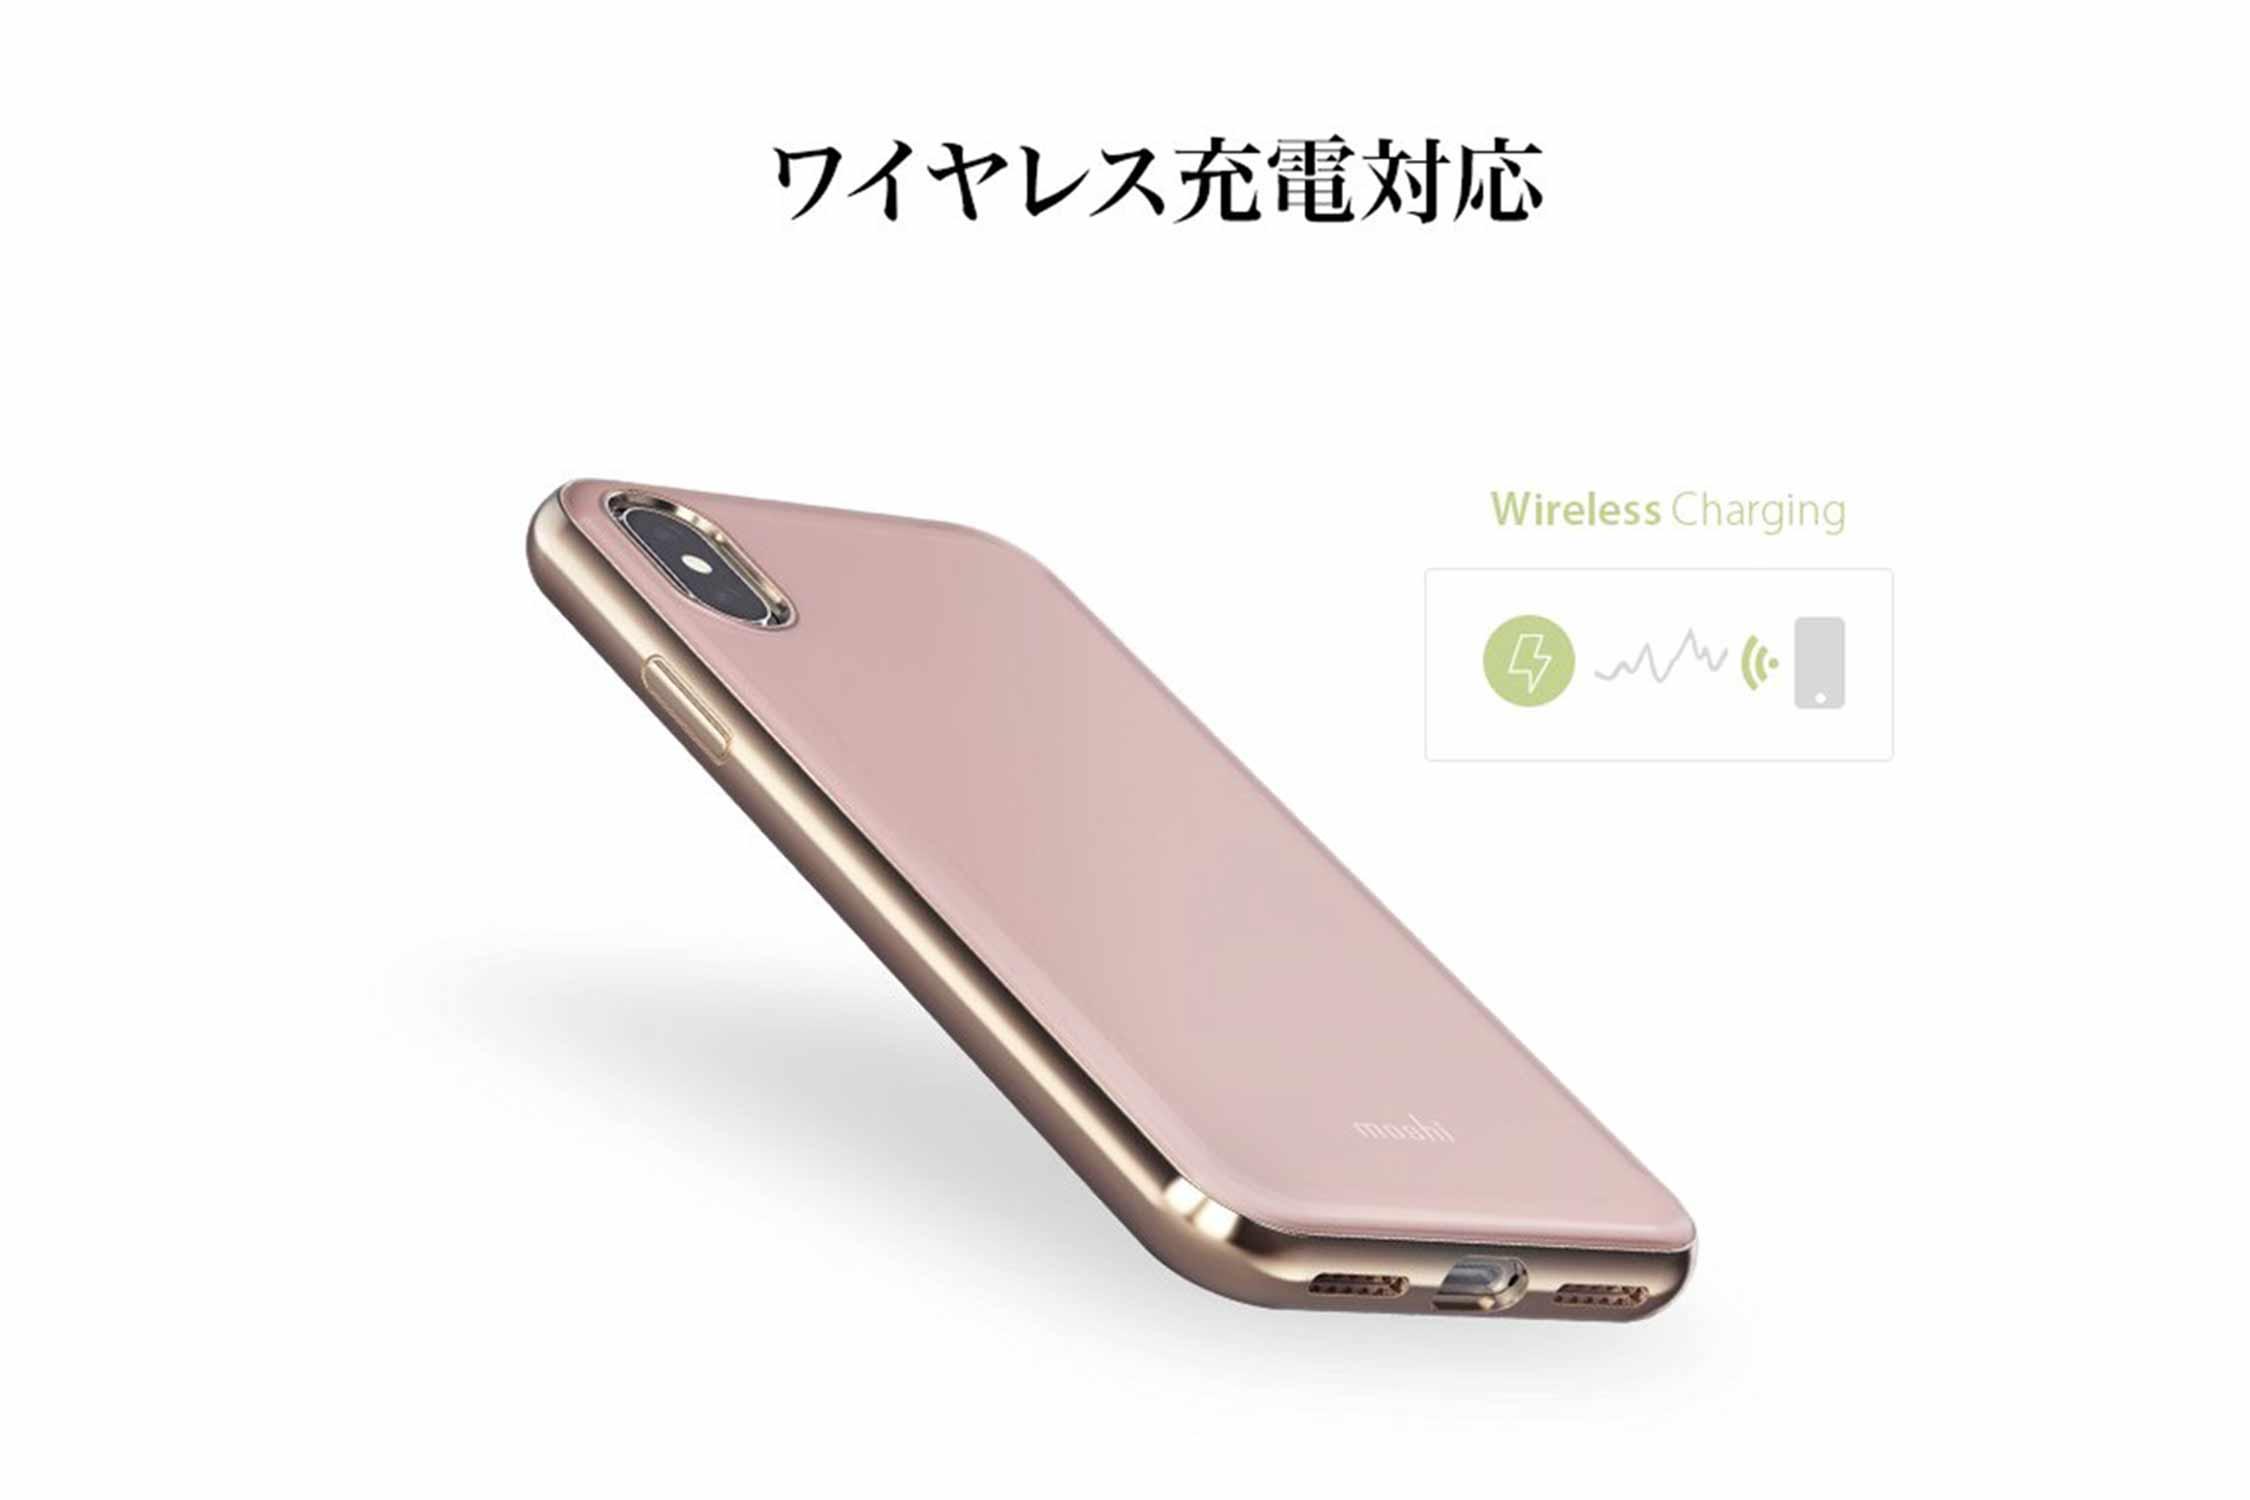 iPhone iGlaze ワイヤレス充電対応